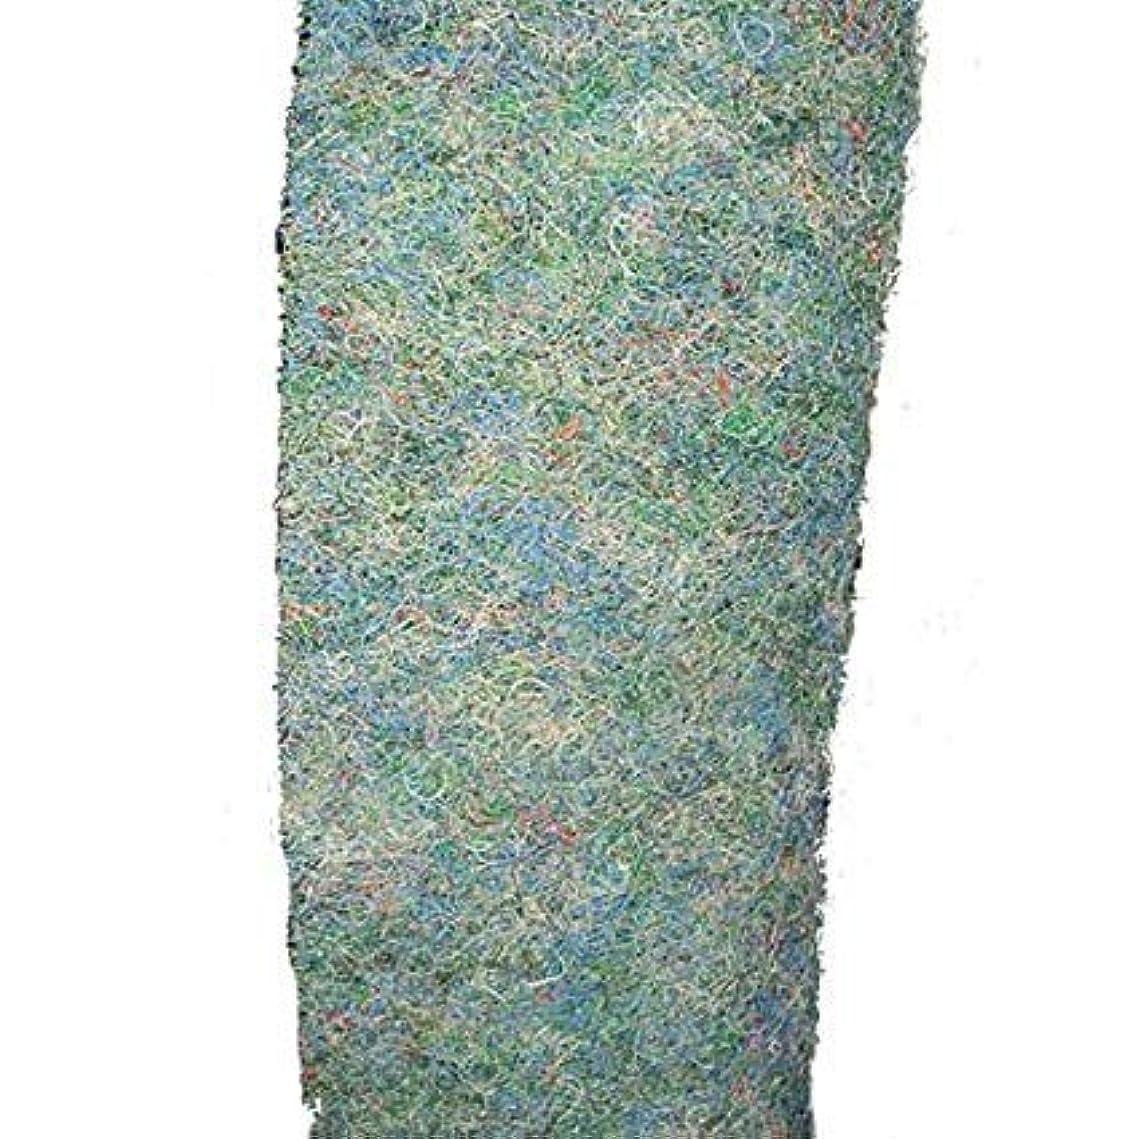 コーナー排泄物その結果ゼンスイ(日本製) サランロック 厚30mm×50cm×幅 25cm 3枚 庭池?水槽用濾過材